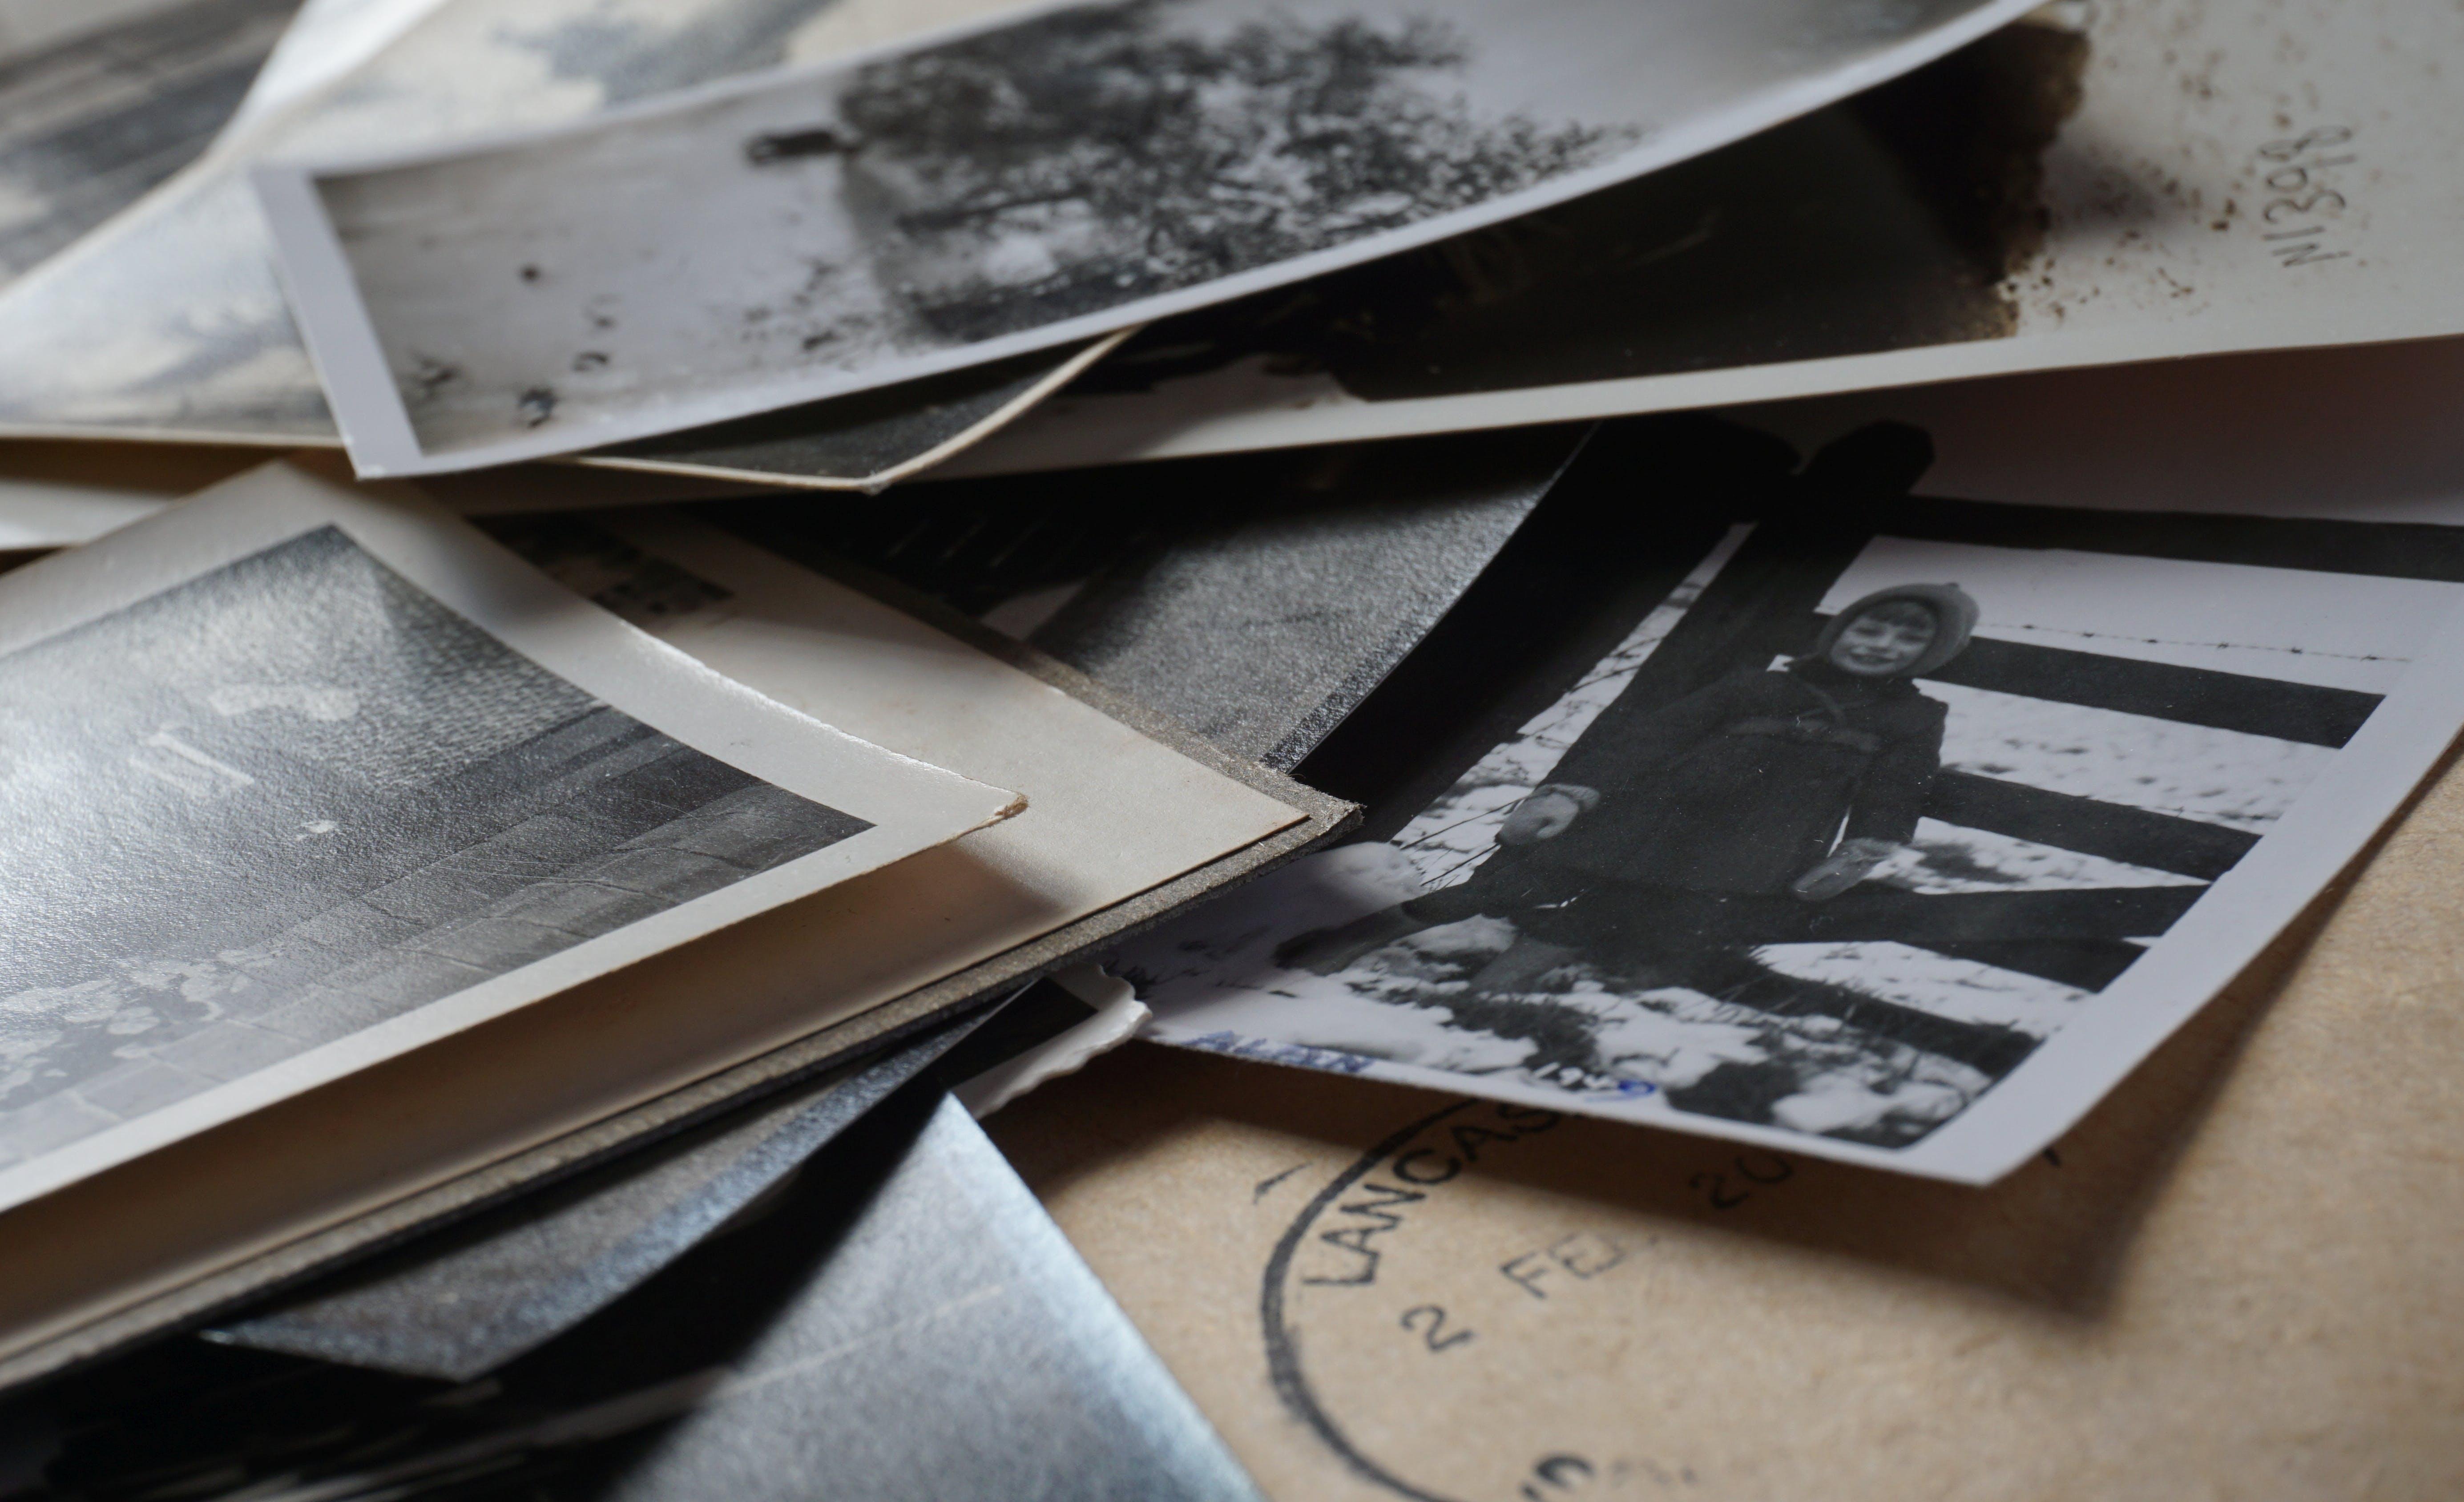 Polaroid Photos on Wooden Surface